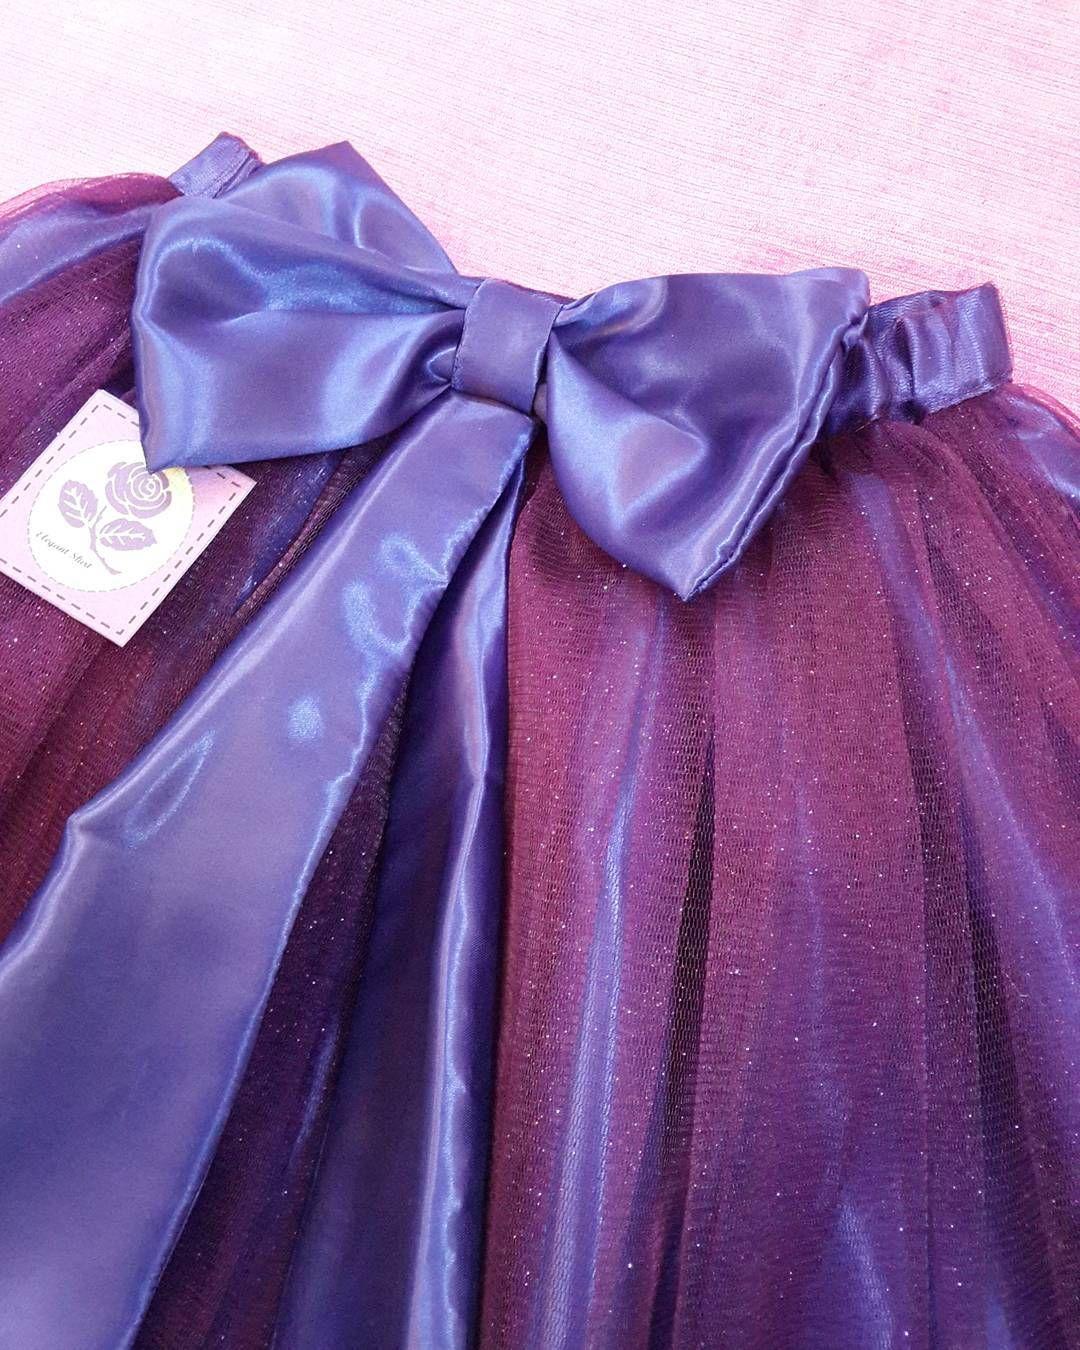 تنورة الأميرات التنورة ببطانة كحلية و عليها تل لونه بنفسجي غامق بلمعة والفيونكة تكون من الخلف التنورة من تفصيلنا وتصميمنا تفصيلي زواج Insta